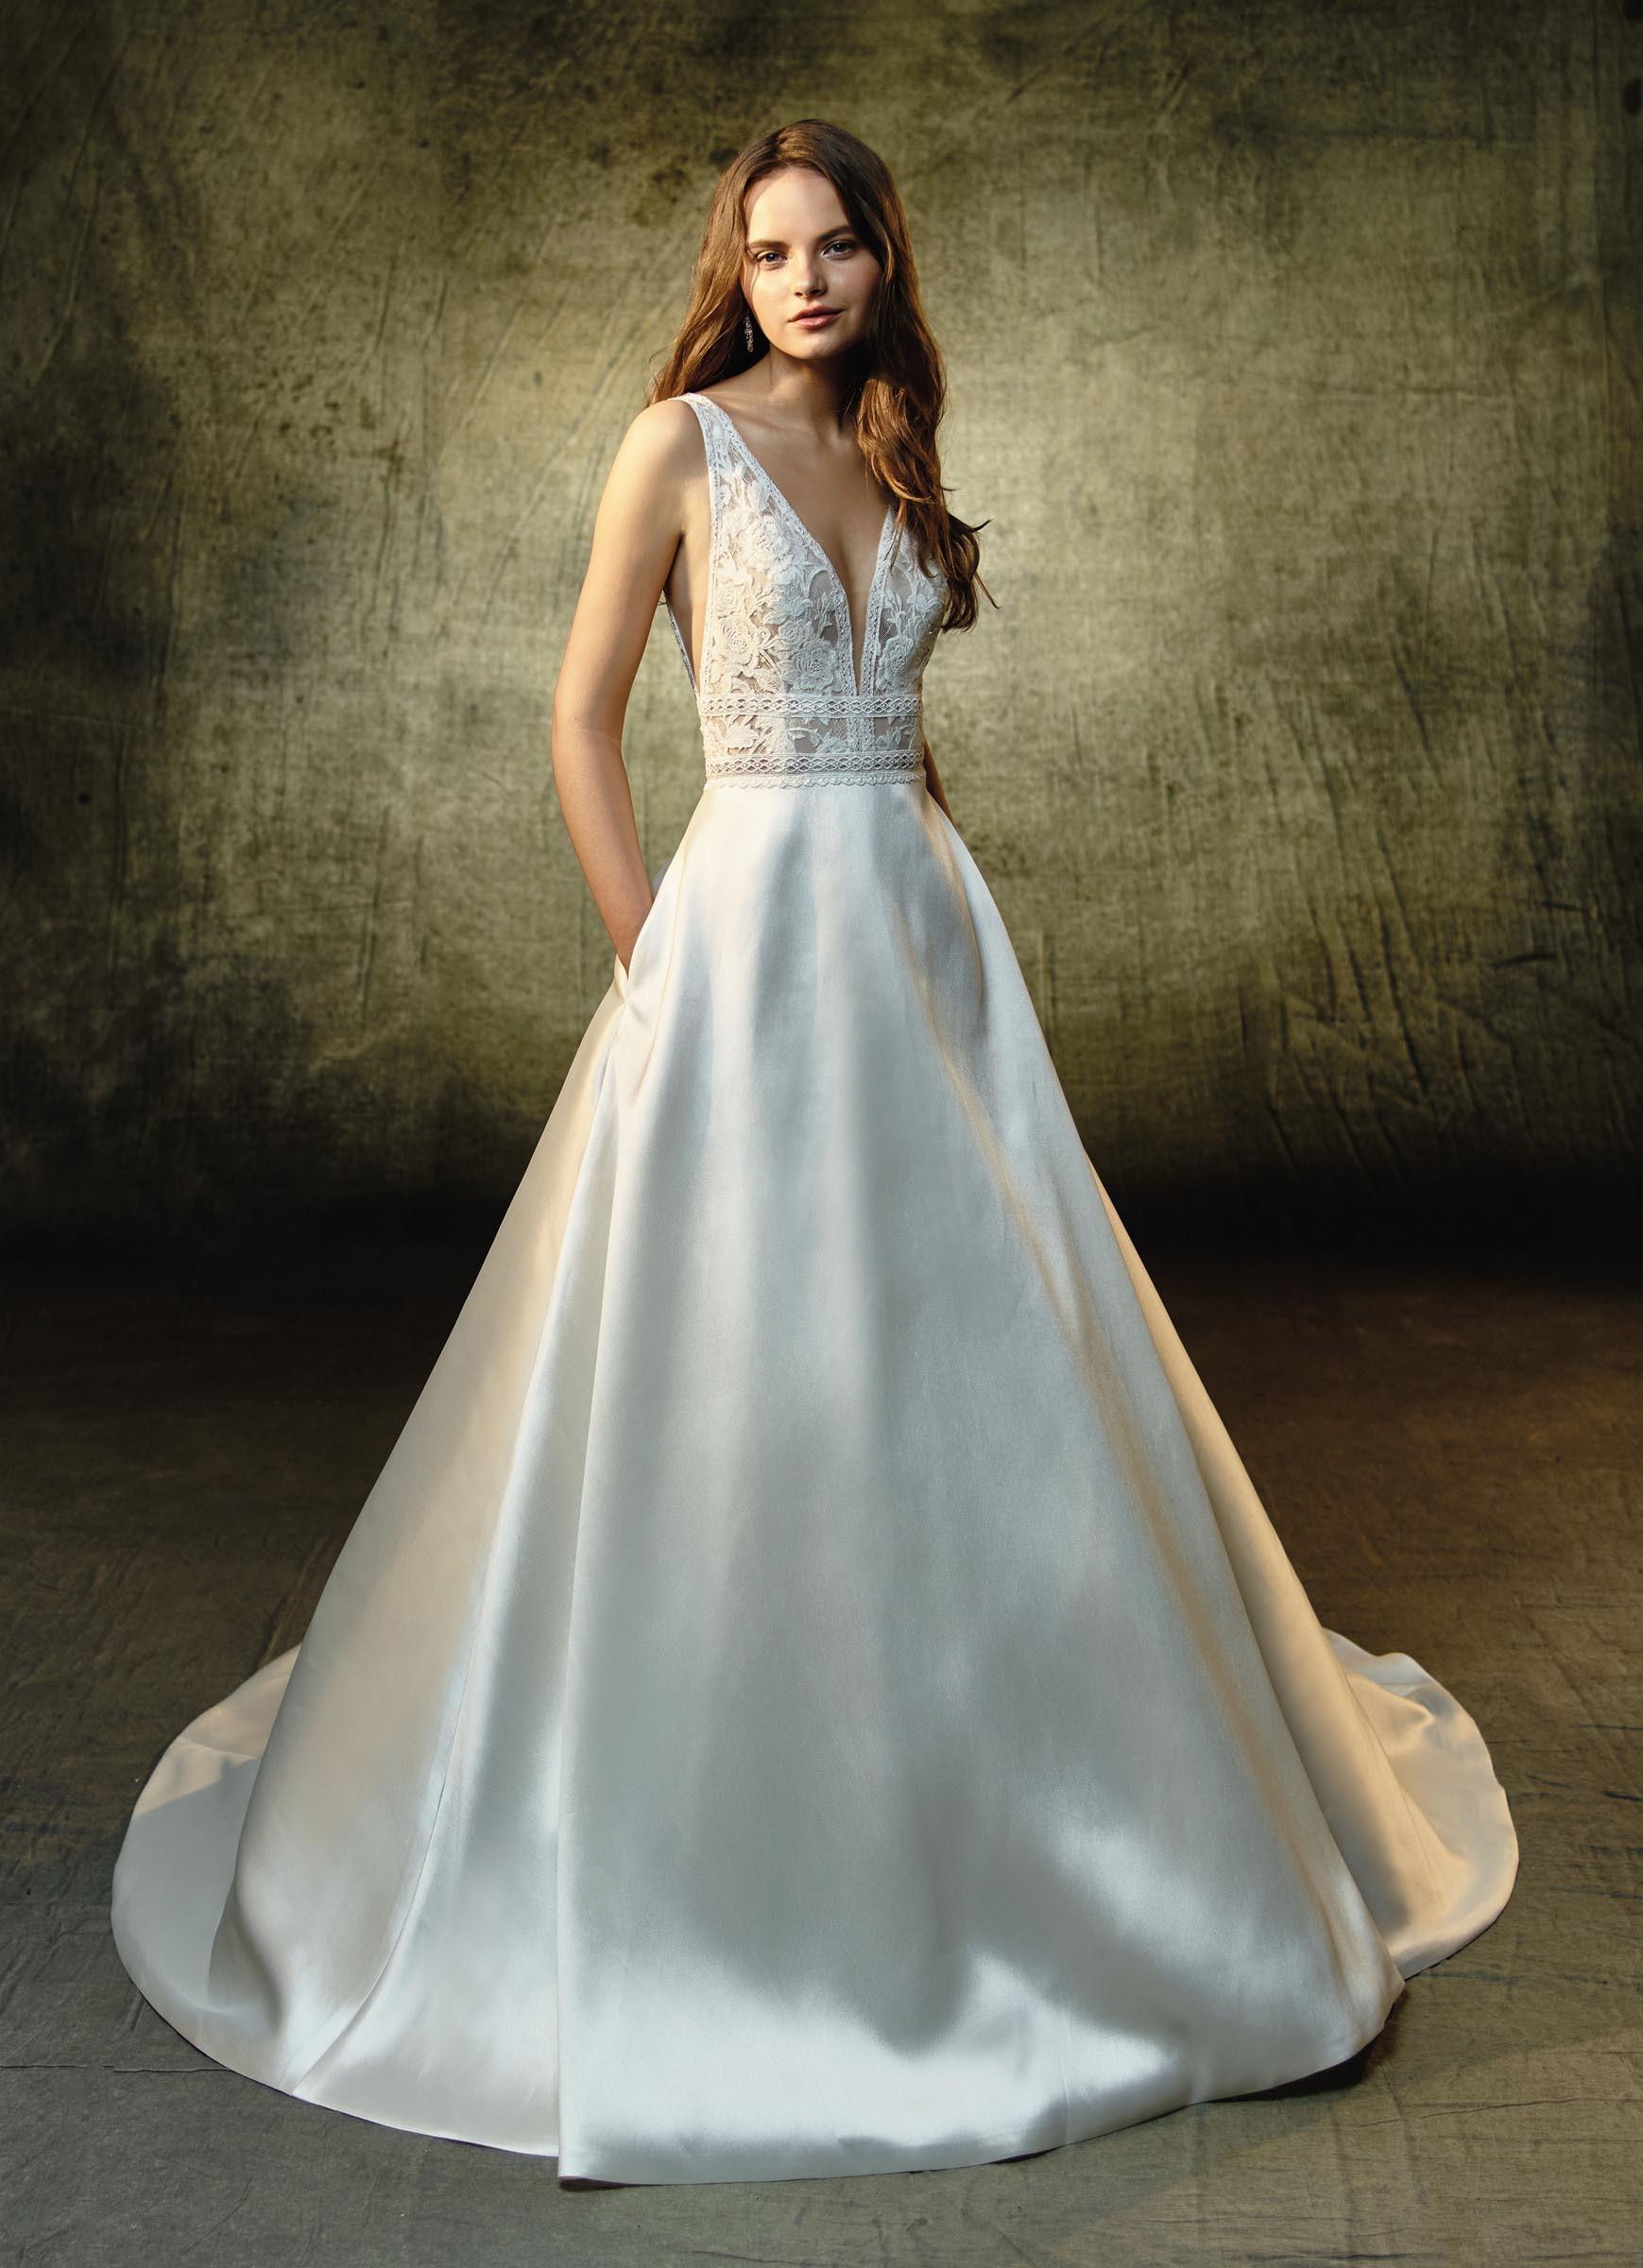 Cremefarbenes Brautkleid mit Spitze, tiefem V-Ausschnitt und Prinzessschnitt von Blue by Enzoani, Modell Lilybeth